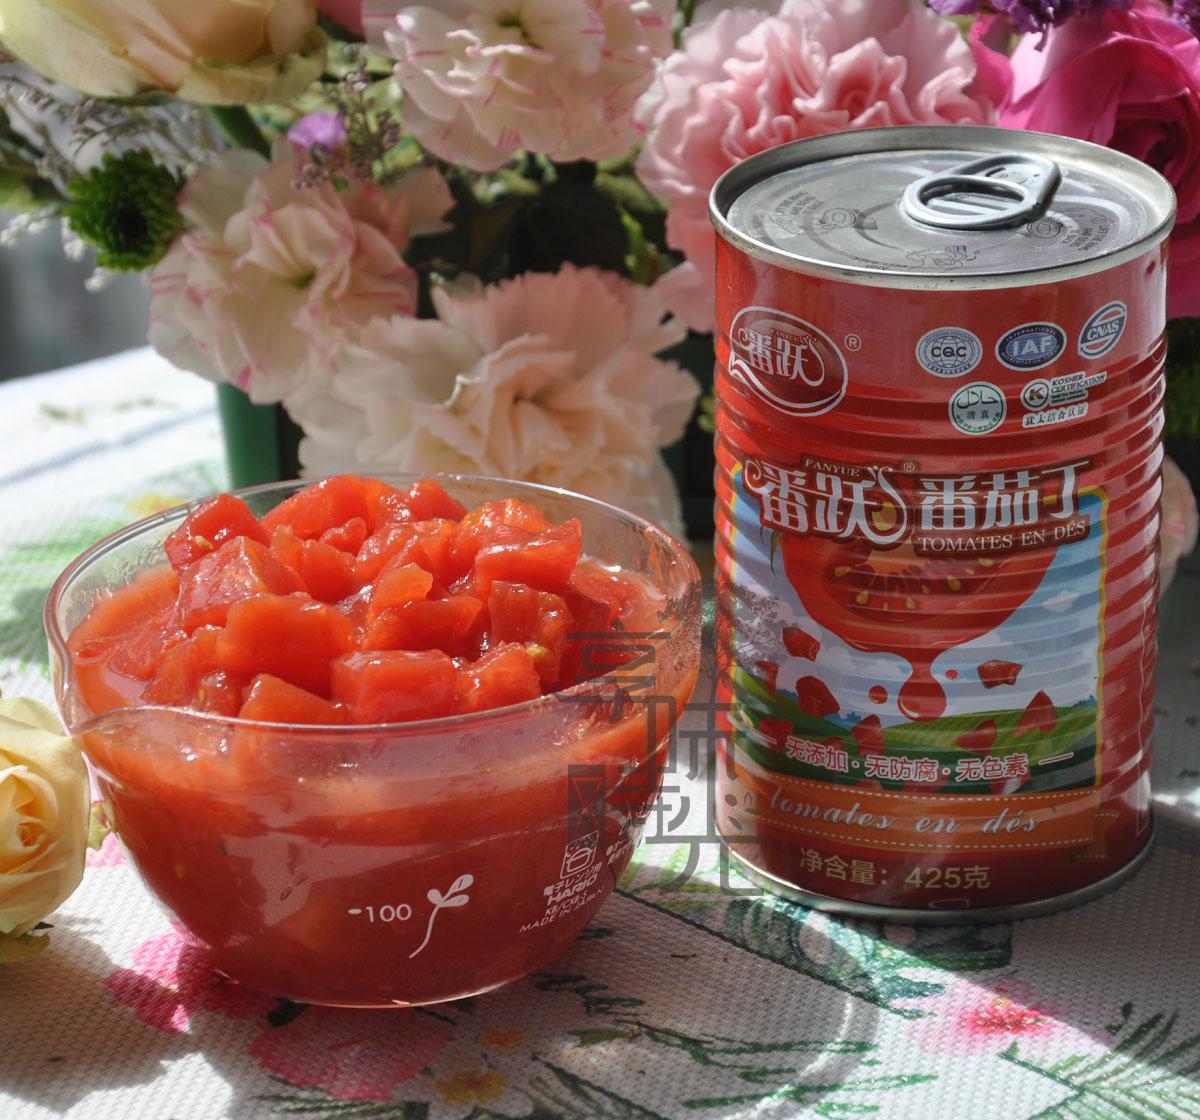 纯天然去皮番跃新鲜新疆番茄西红柿丁17年9月生产无糖无添加425g